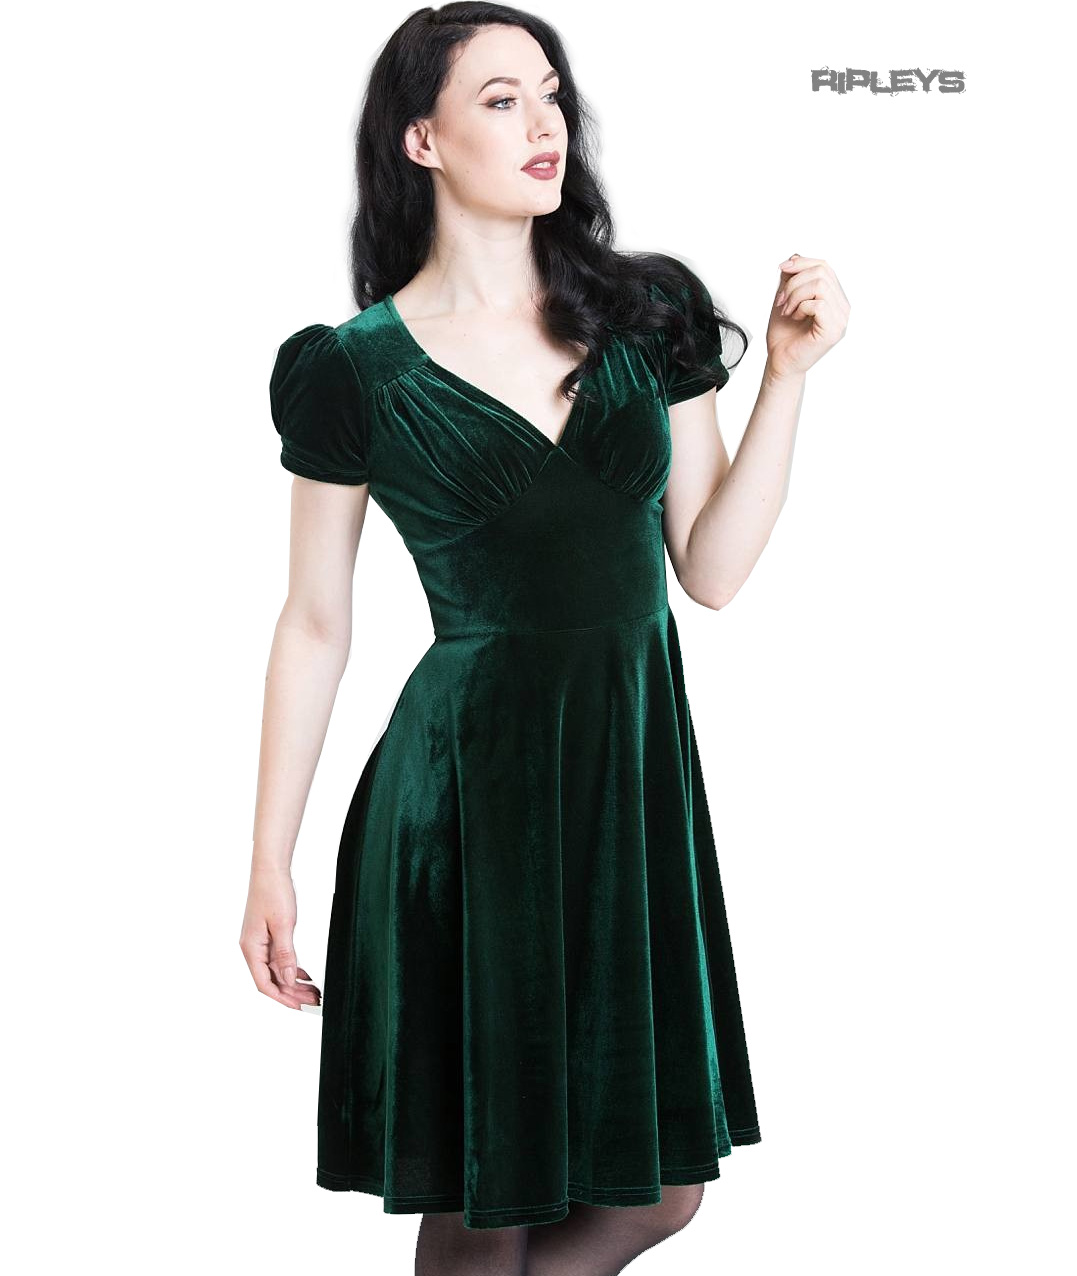 Hell-Bunny-40s-50s-Elegant-Pin-Up-Dress-JOANNE-Crushed-Velvet-Green-All-Sizes thumbnail 38